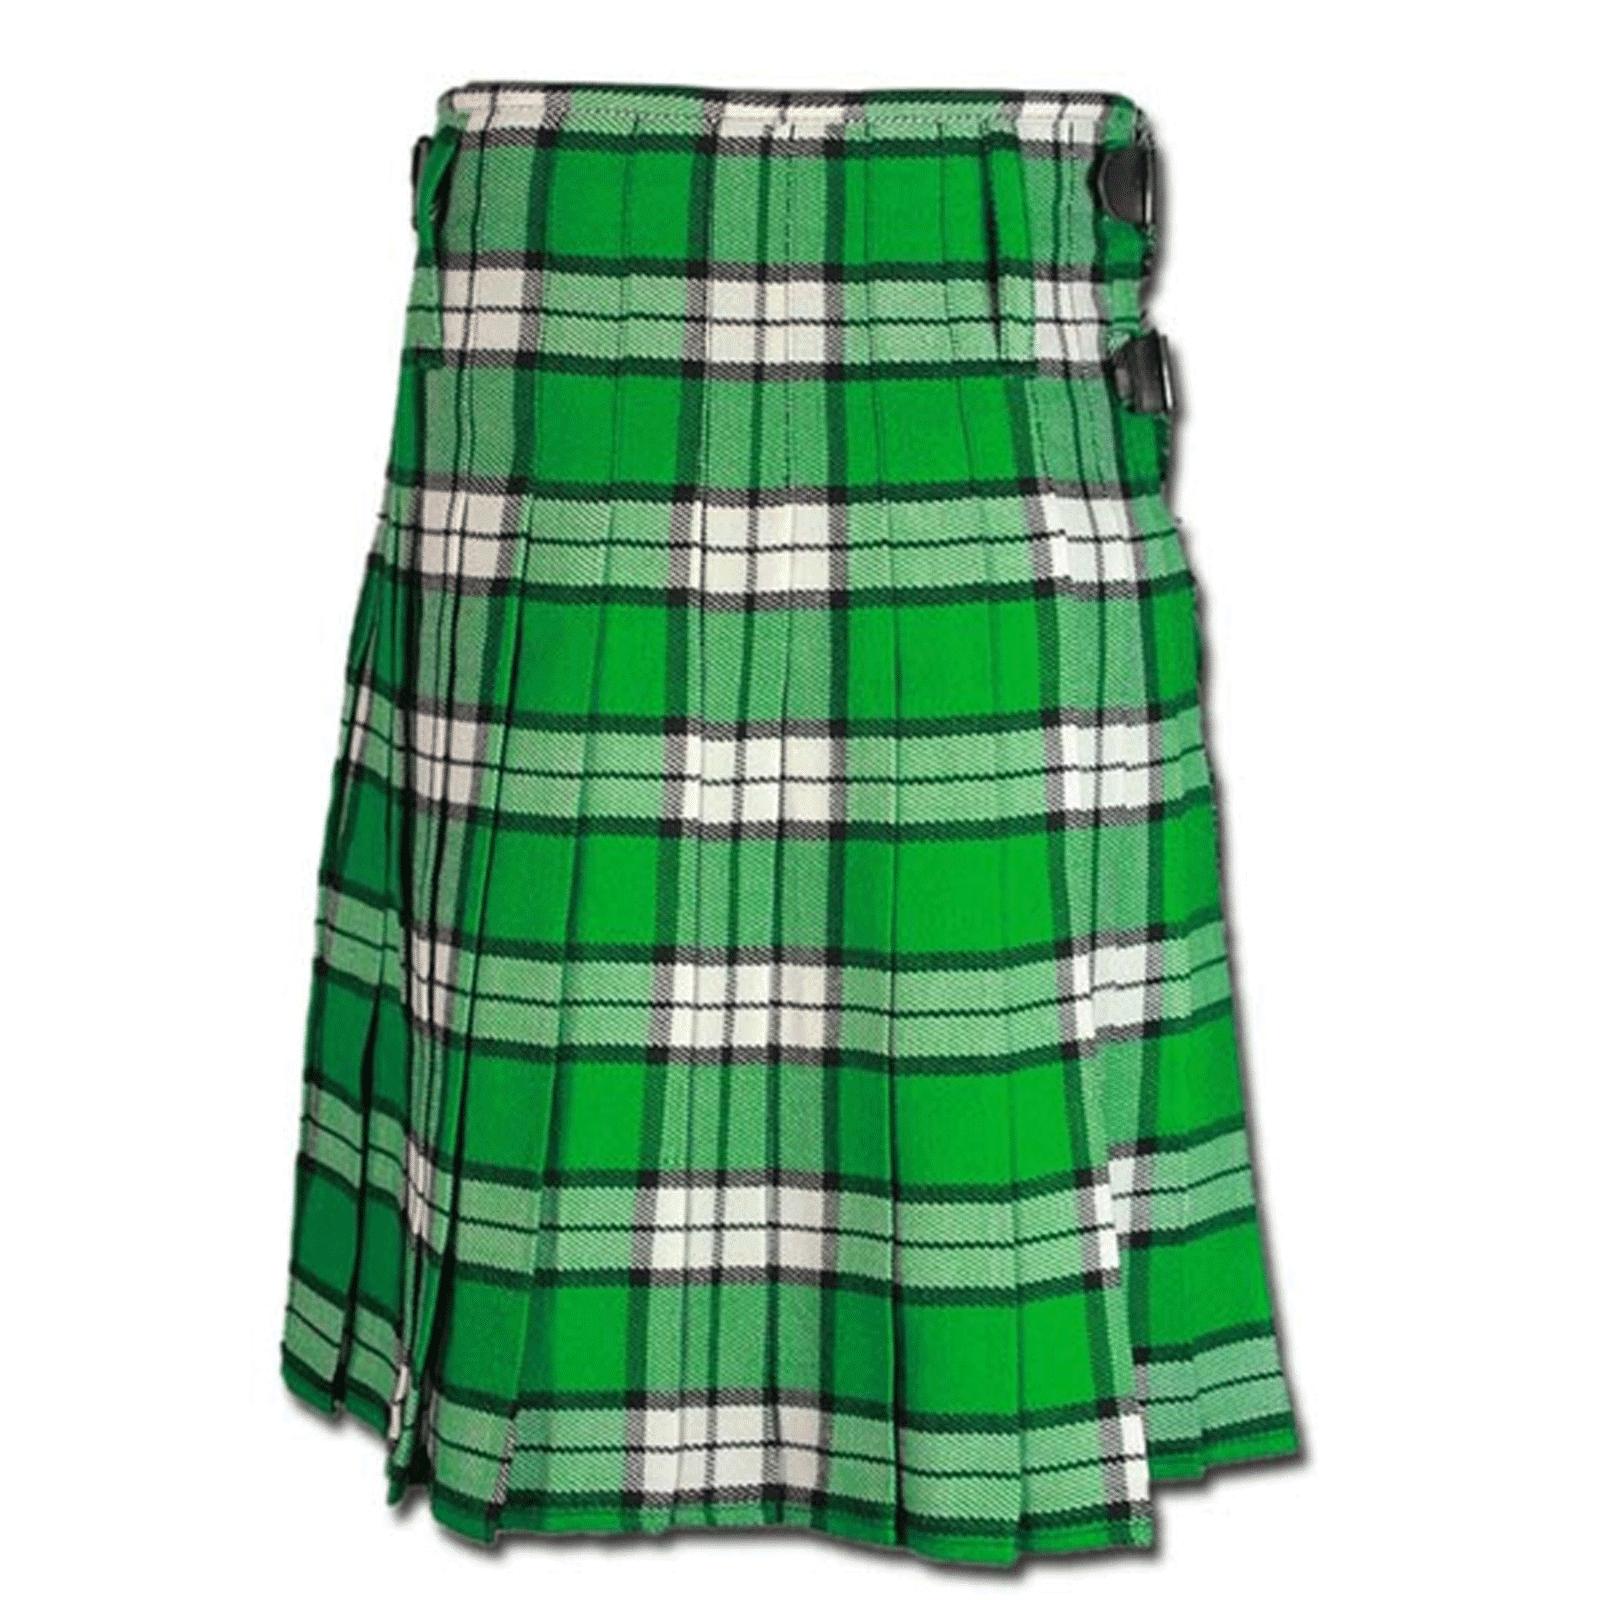 Longniddry Tartan Kilt